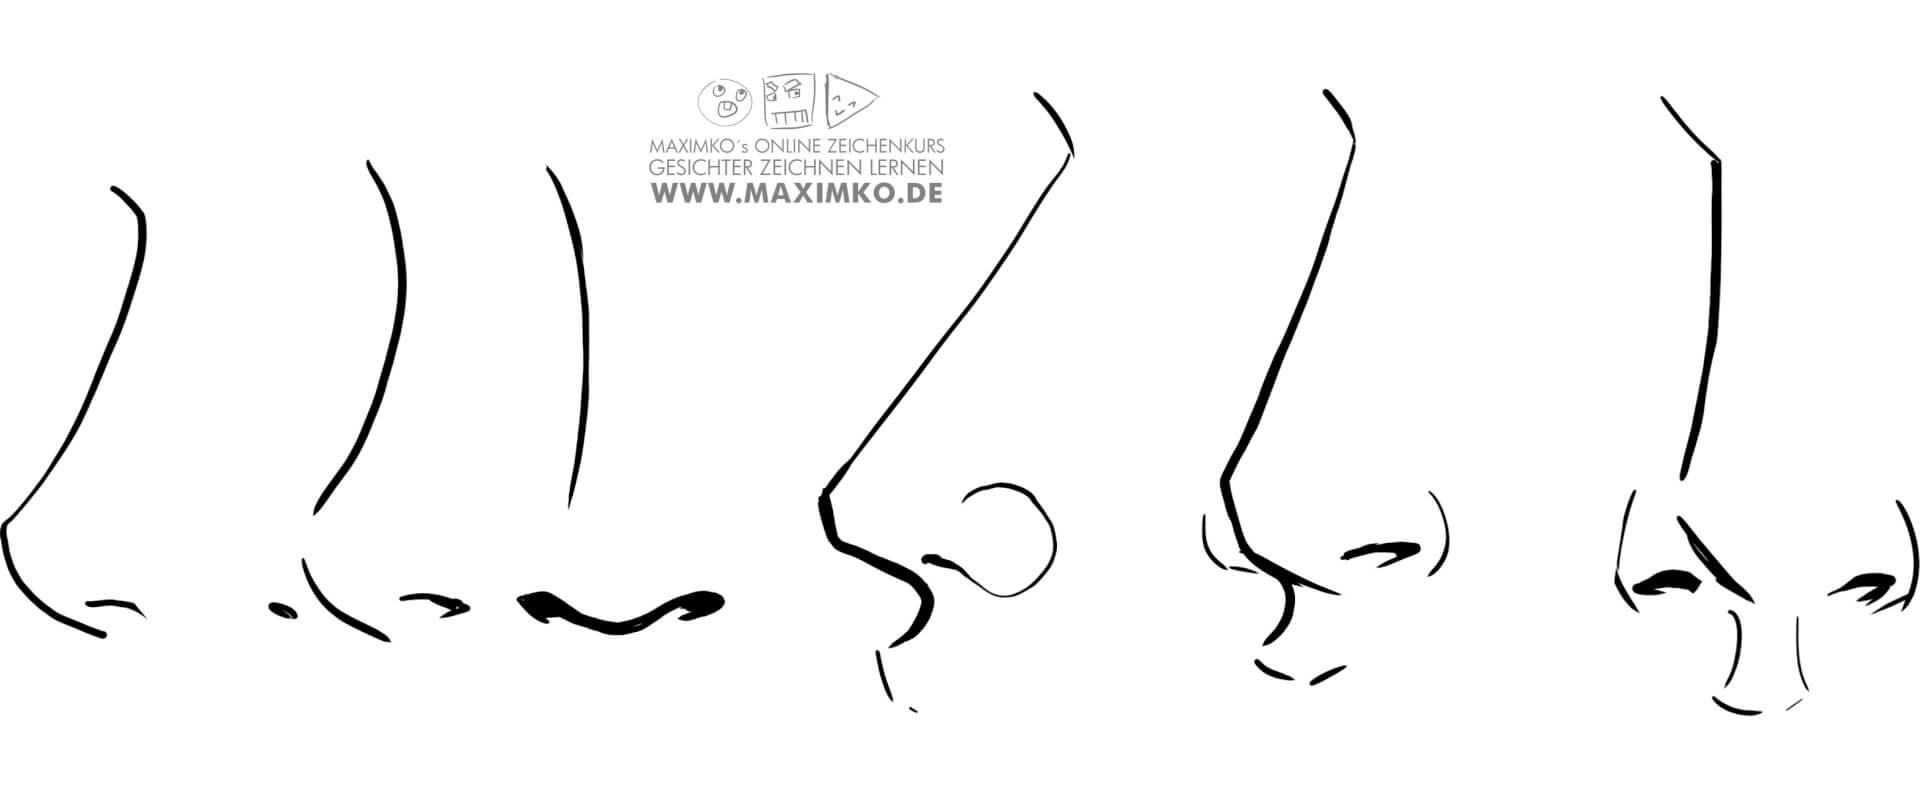 nase mund zeichnen lernen tutorial schritt fuer schritt anleitung von vorne von seite maximko